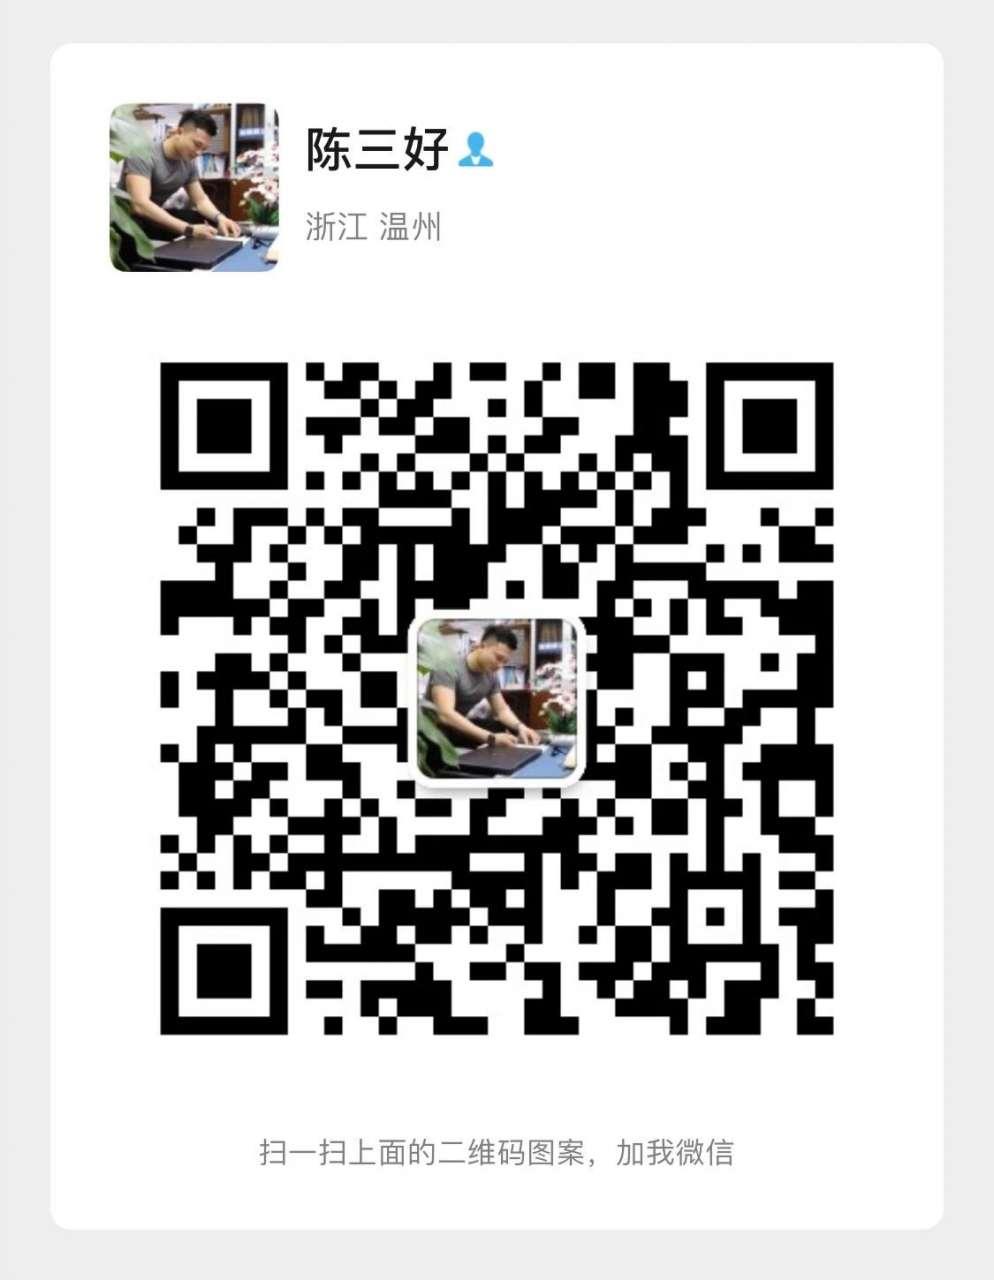 微信图片_20200521143549.jpg